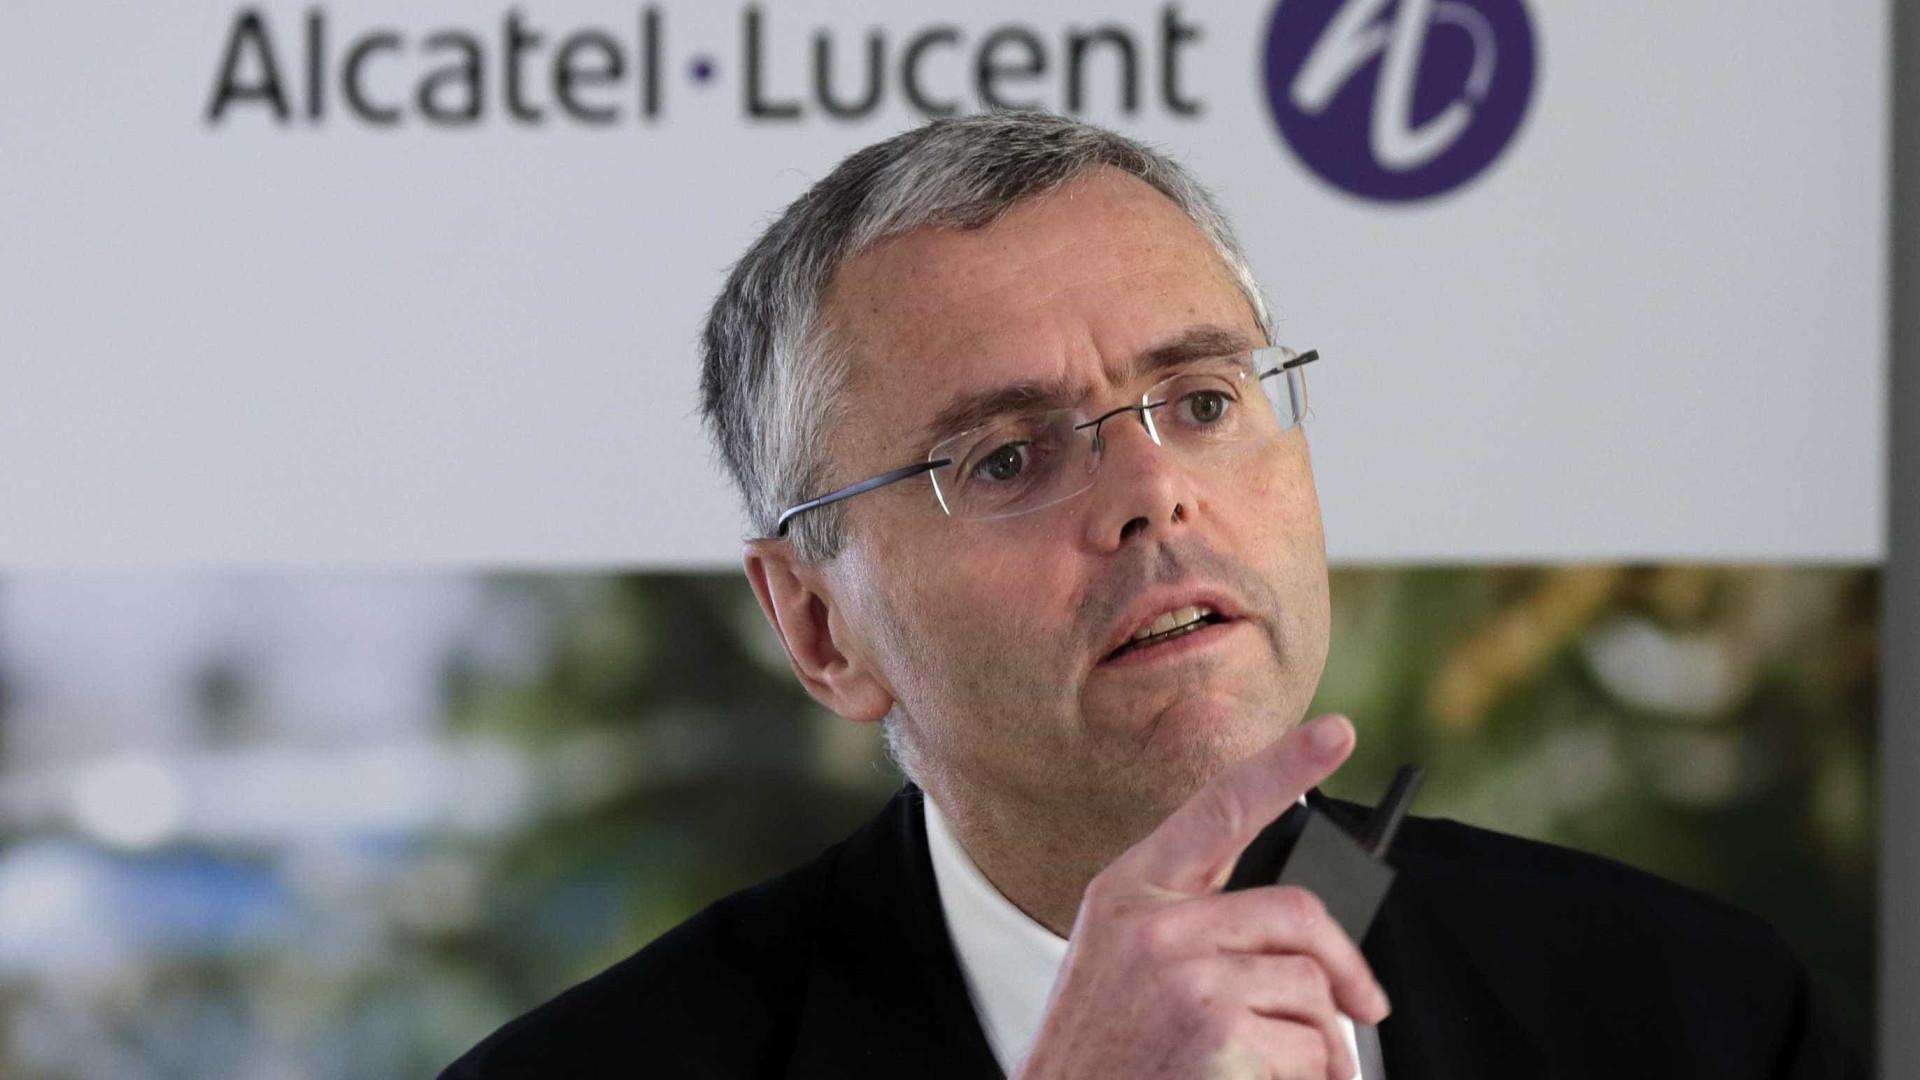 Altice anuncia demissão do presidente executivo